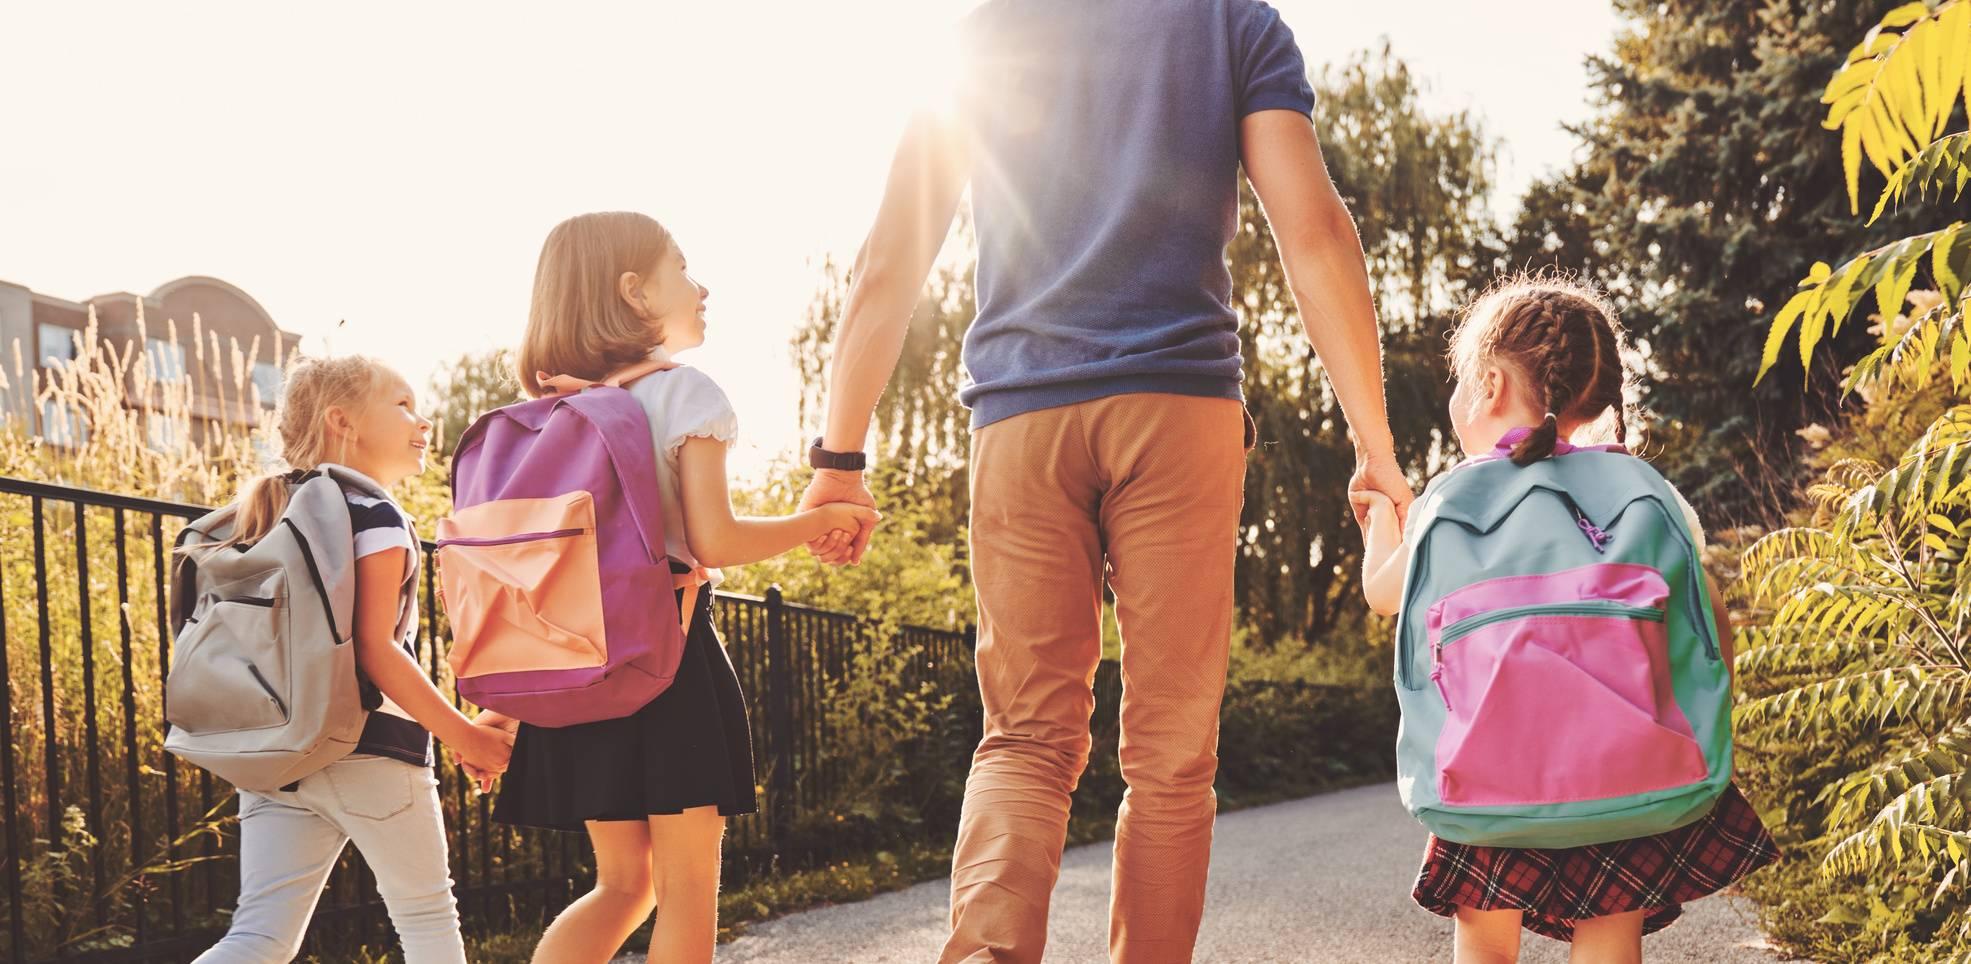 Jak bezpiecznie nosić szkolny plecak? Tata odprowadza dzieci do szkoły.